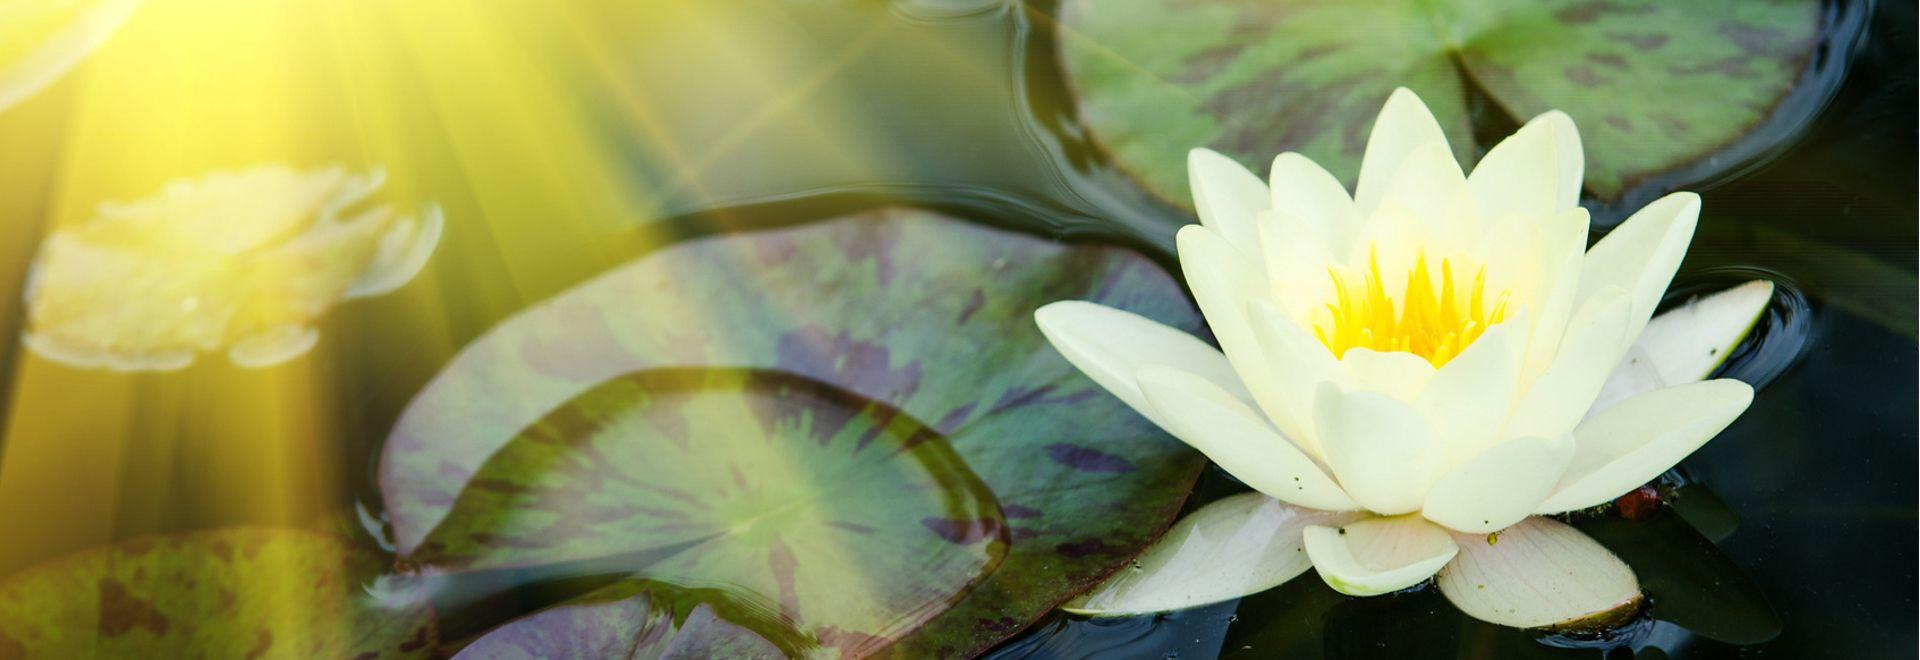 Lotusblüten - die Verbindung zu Wasser und Beauty